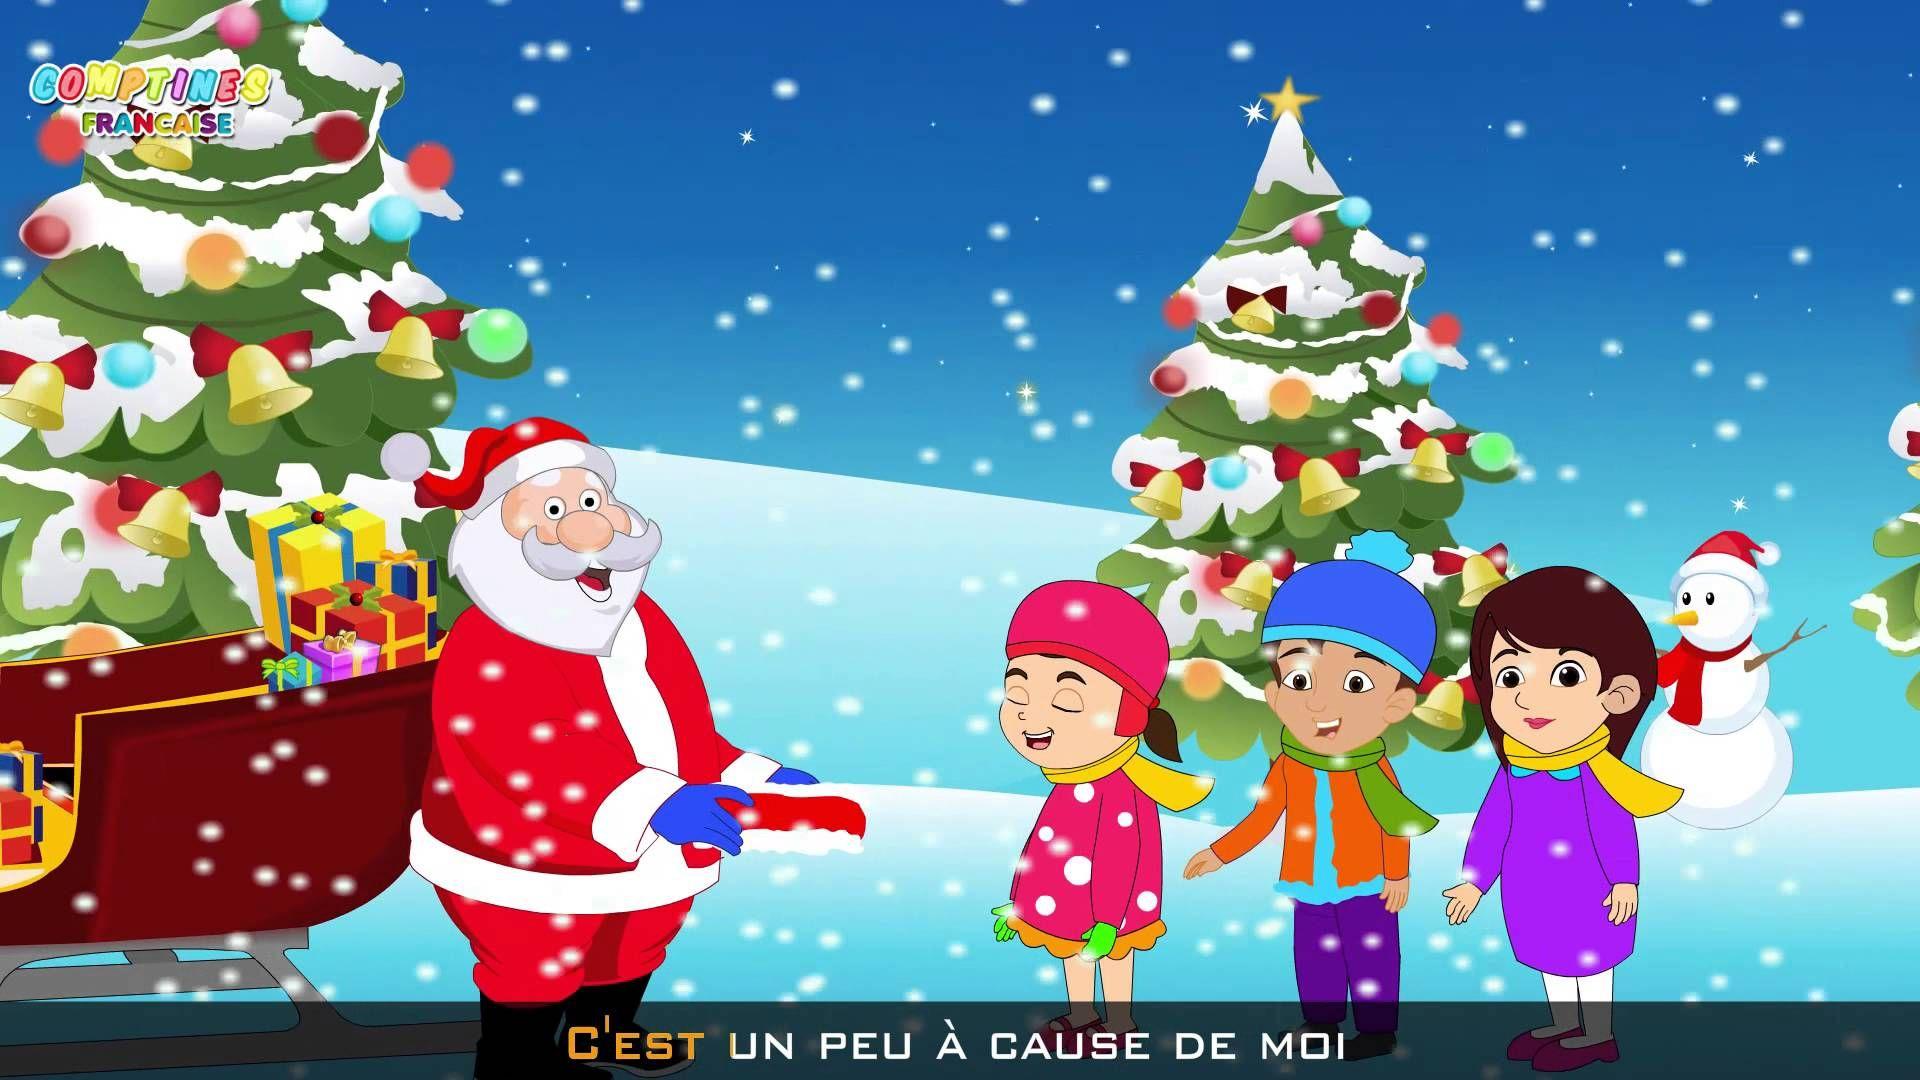 Petit Papa Noël - Chansons De Noël - Chansons Pour Enfants intérieur Petit Papa Noel Video